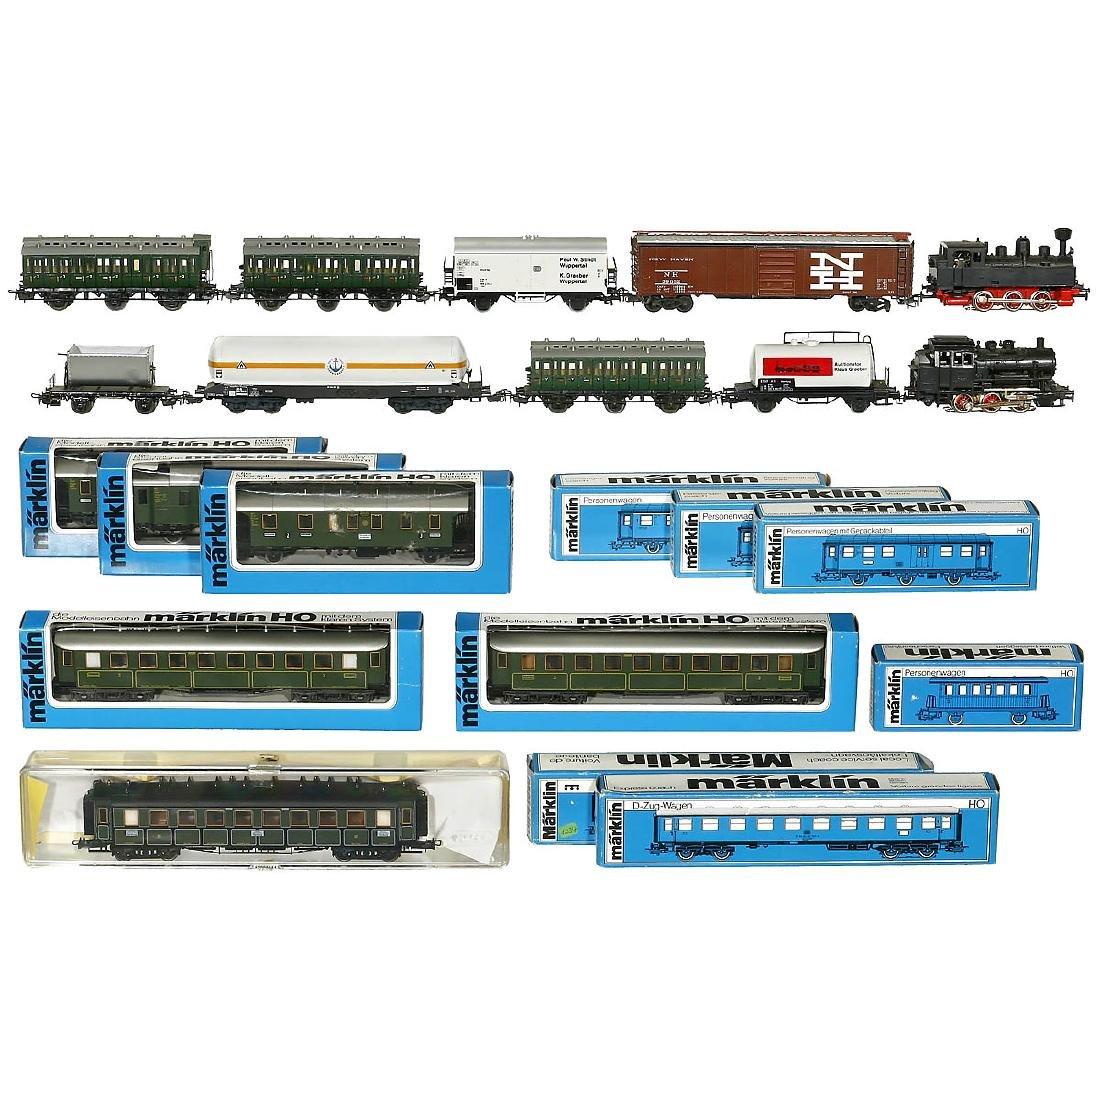 Group of Märklin Locomotives and Cars, 1950-80